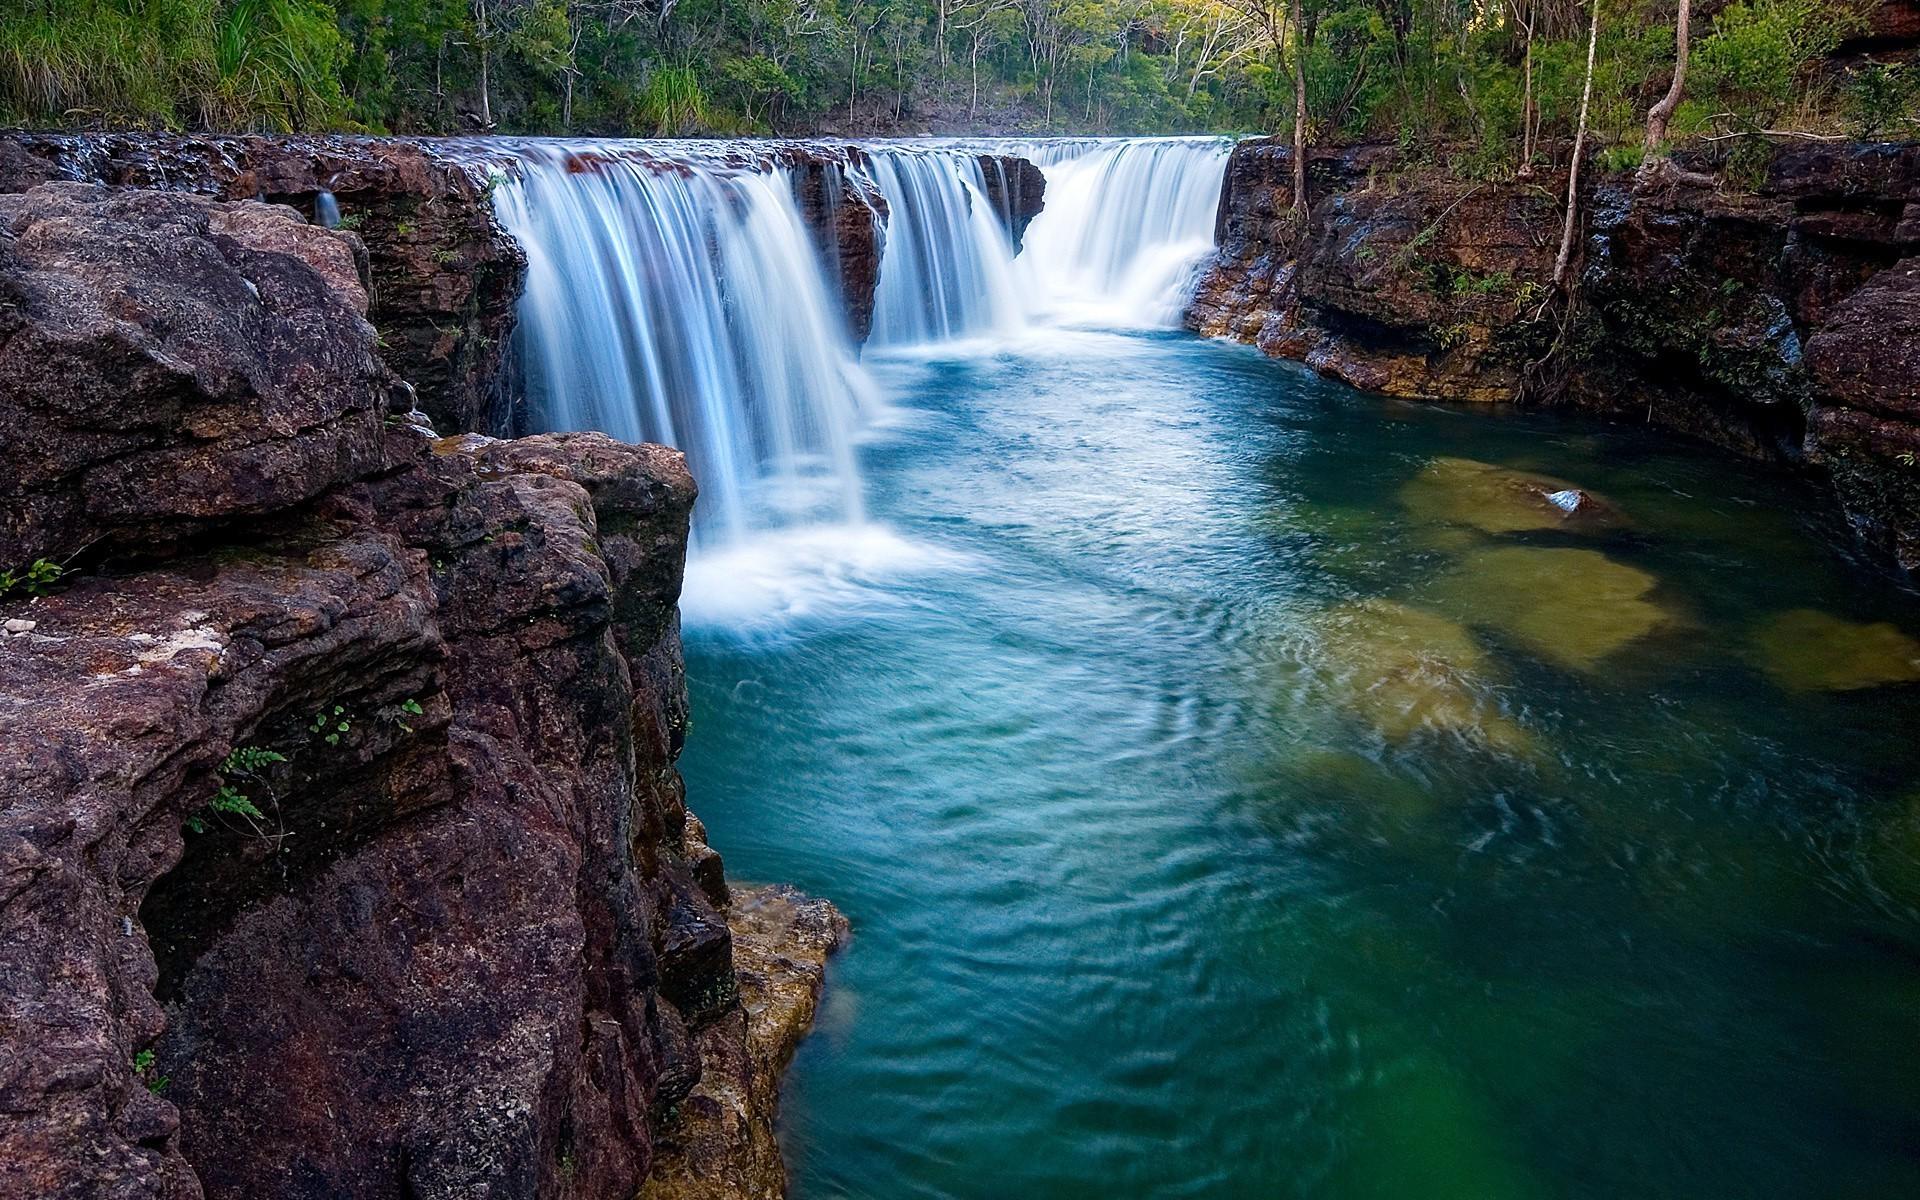 Обои для рабочего стола живой водопад скачать бесплатно 15